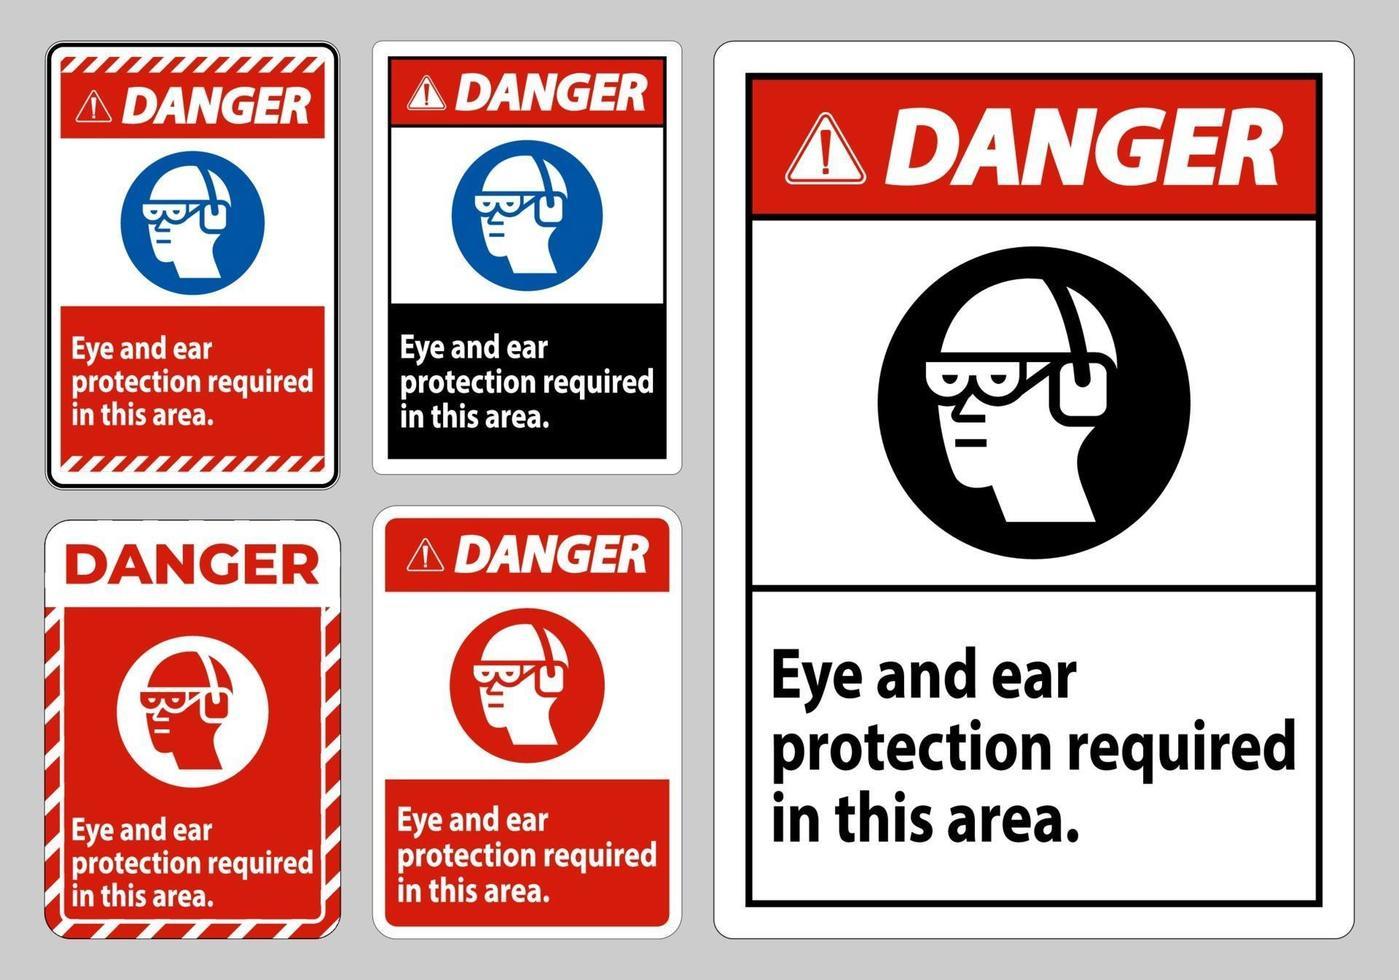 panneau de danger protection oculaire et auditive requise dans cette zone vecteur